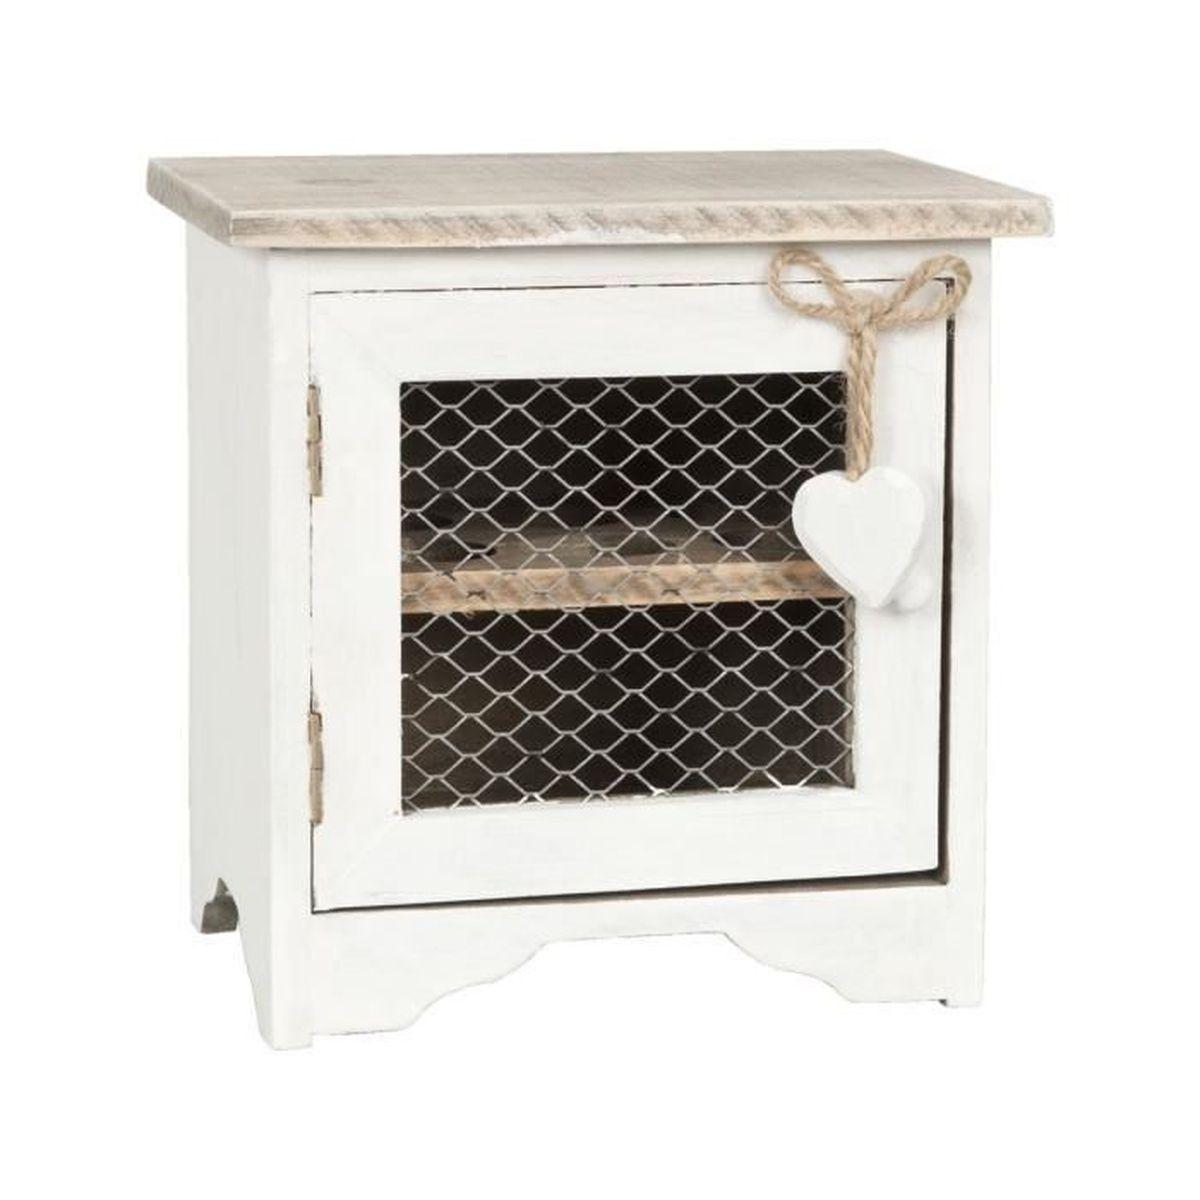 cave porte oeufs rangement neuf en bois design vintage pour 12 oeufs achat vente meuble a. Black Bedroom Furniture Sets. Home Design Ideas